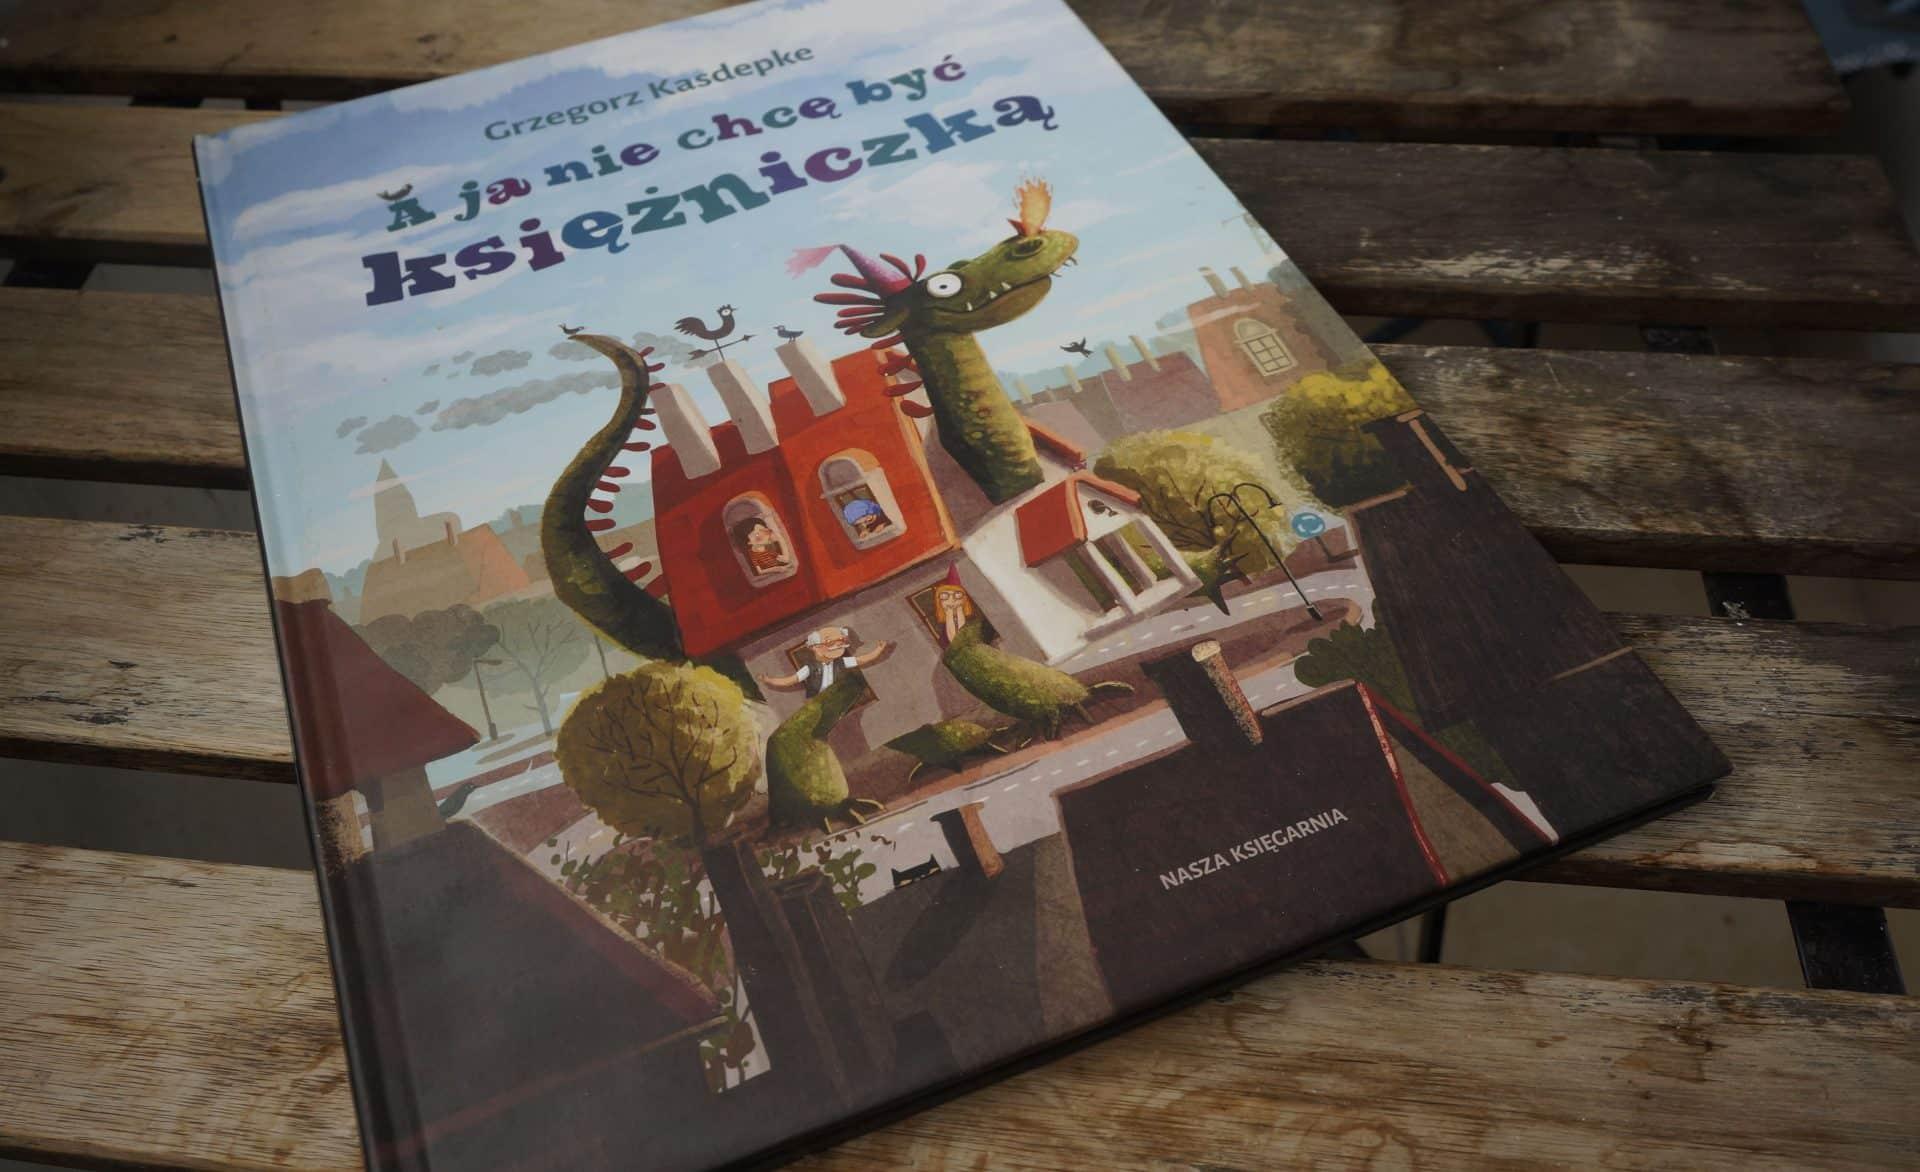 Książkoteka poleca: A ja nie chcę być księżniczką Grzegorz Kasdepke Książka dla trzylatki Księgarnia dla dzieci, Kraków